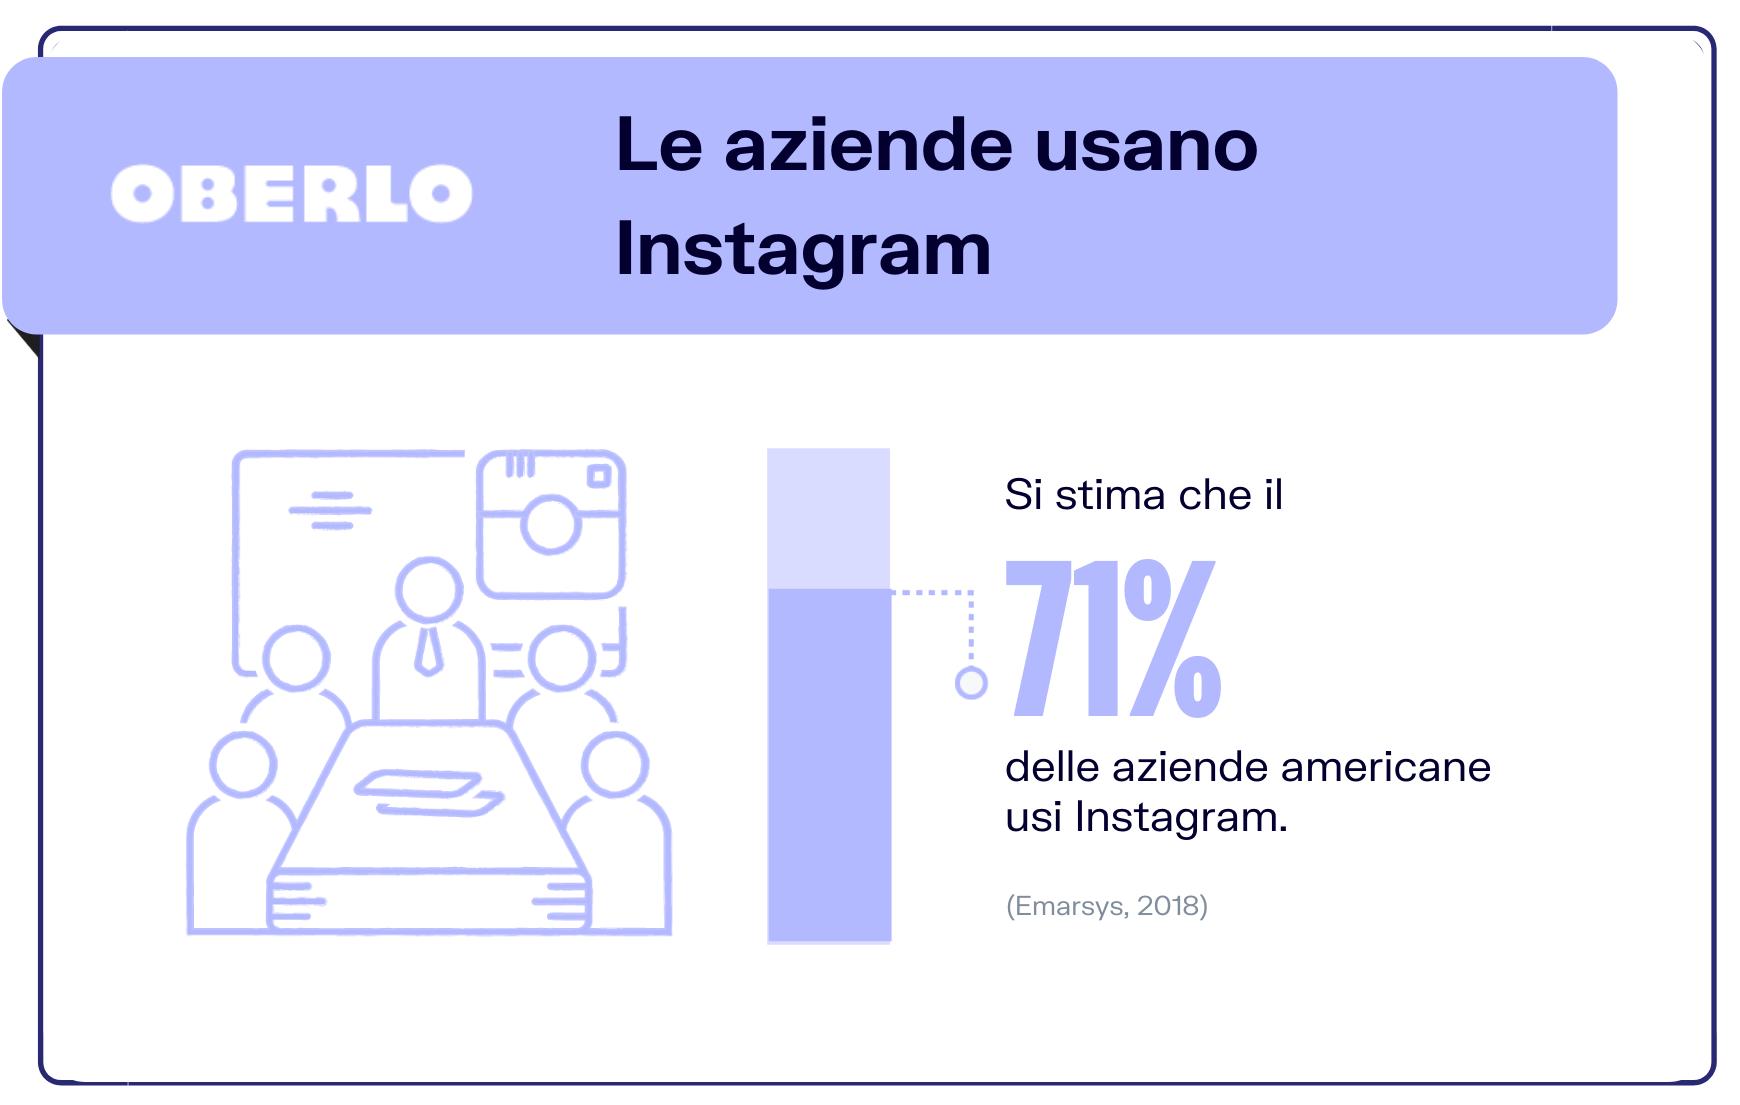 statistiche instagram aziende